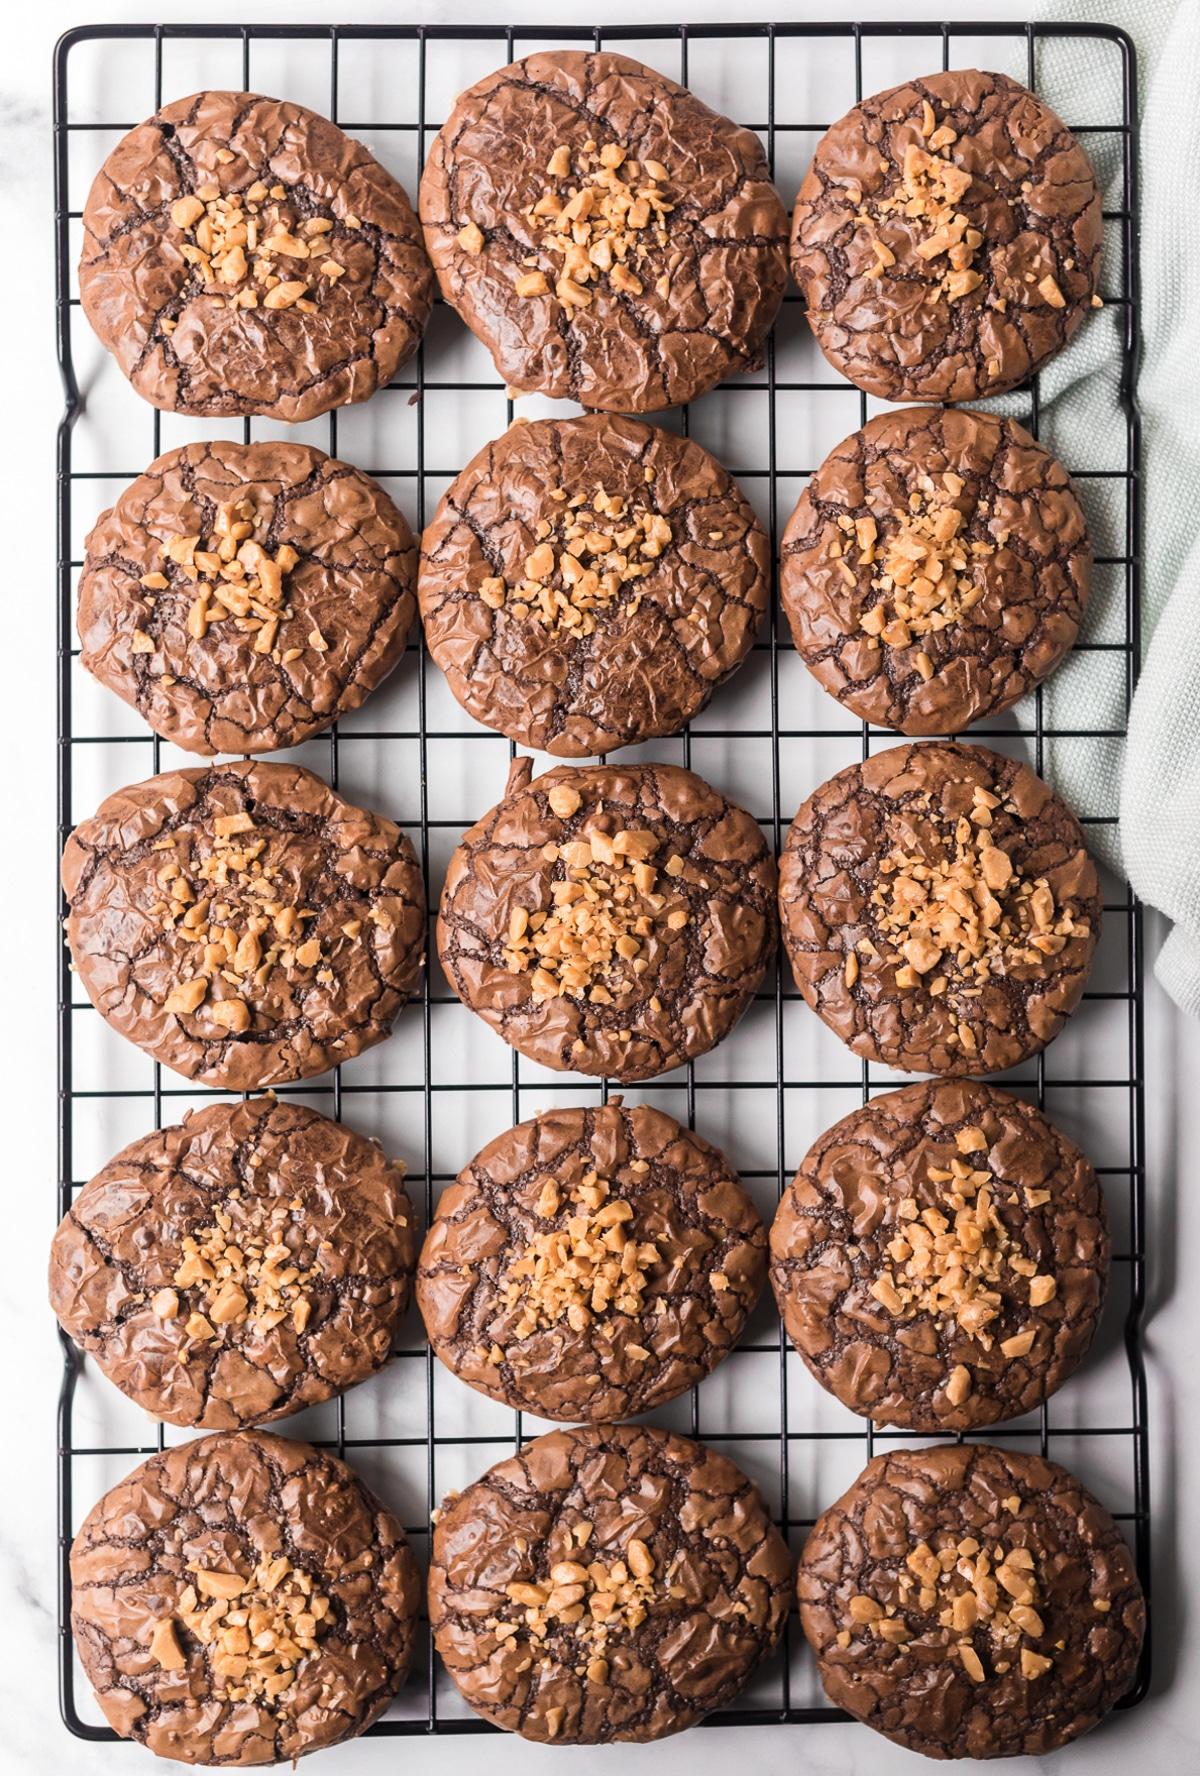 Amazing Brownie Cookies with Toffee Bits Recipe #ASpicyPerspective #brownies #cookies #toffee #holiday #cookieexchange